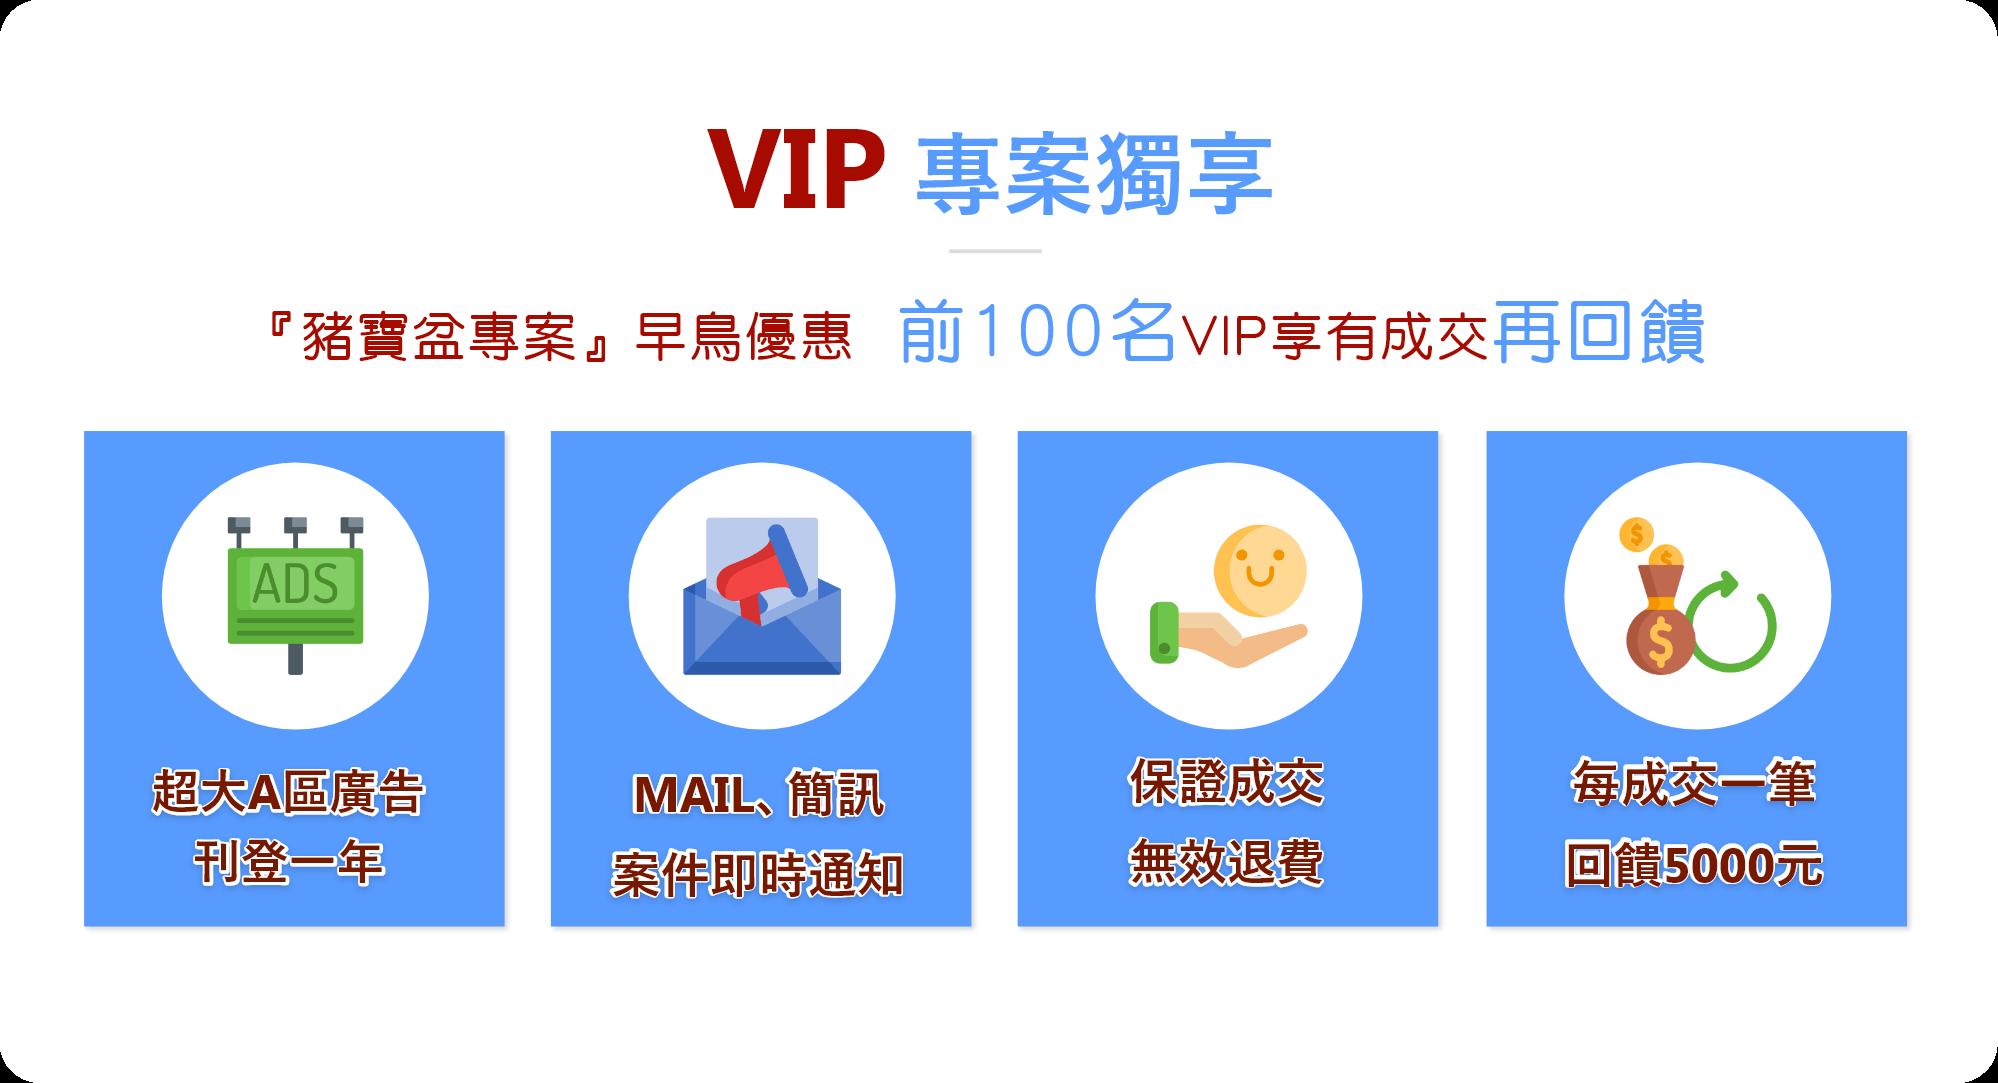 『豬寶盆專案』早鳥優惠 前100名VIP享有成交再回饋